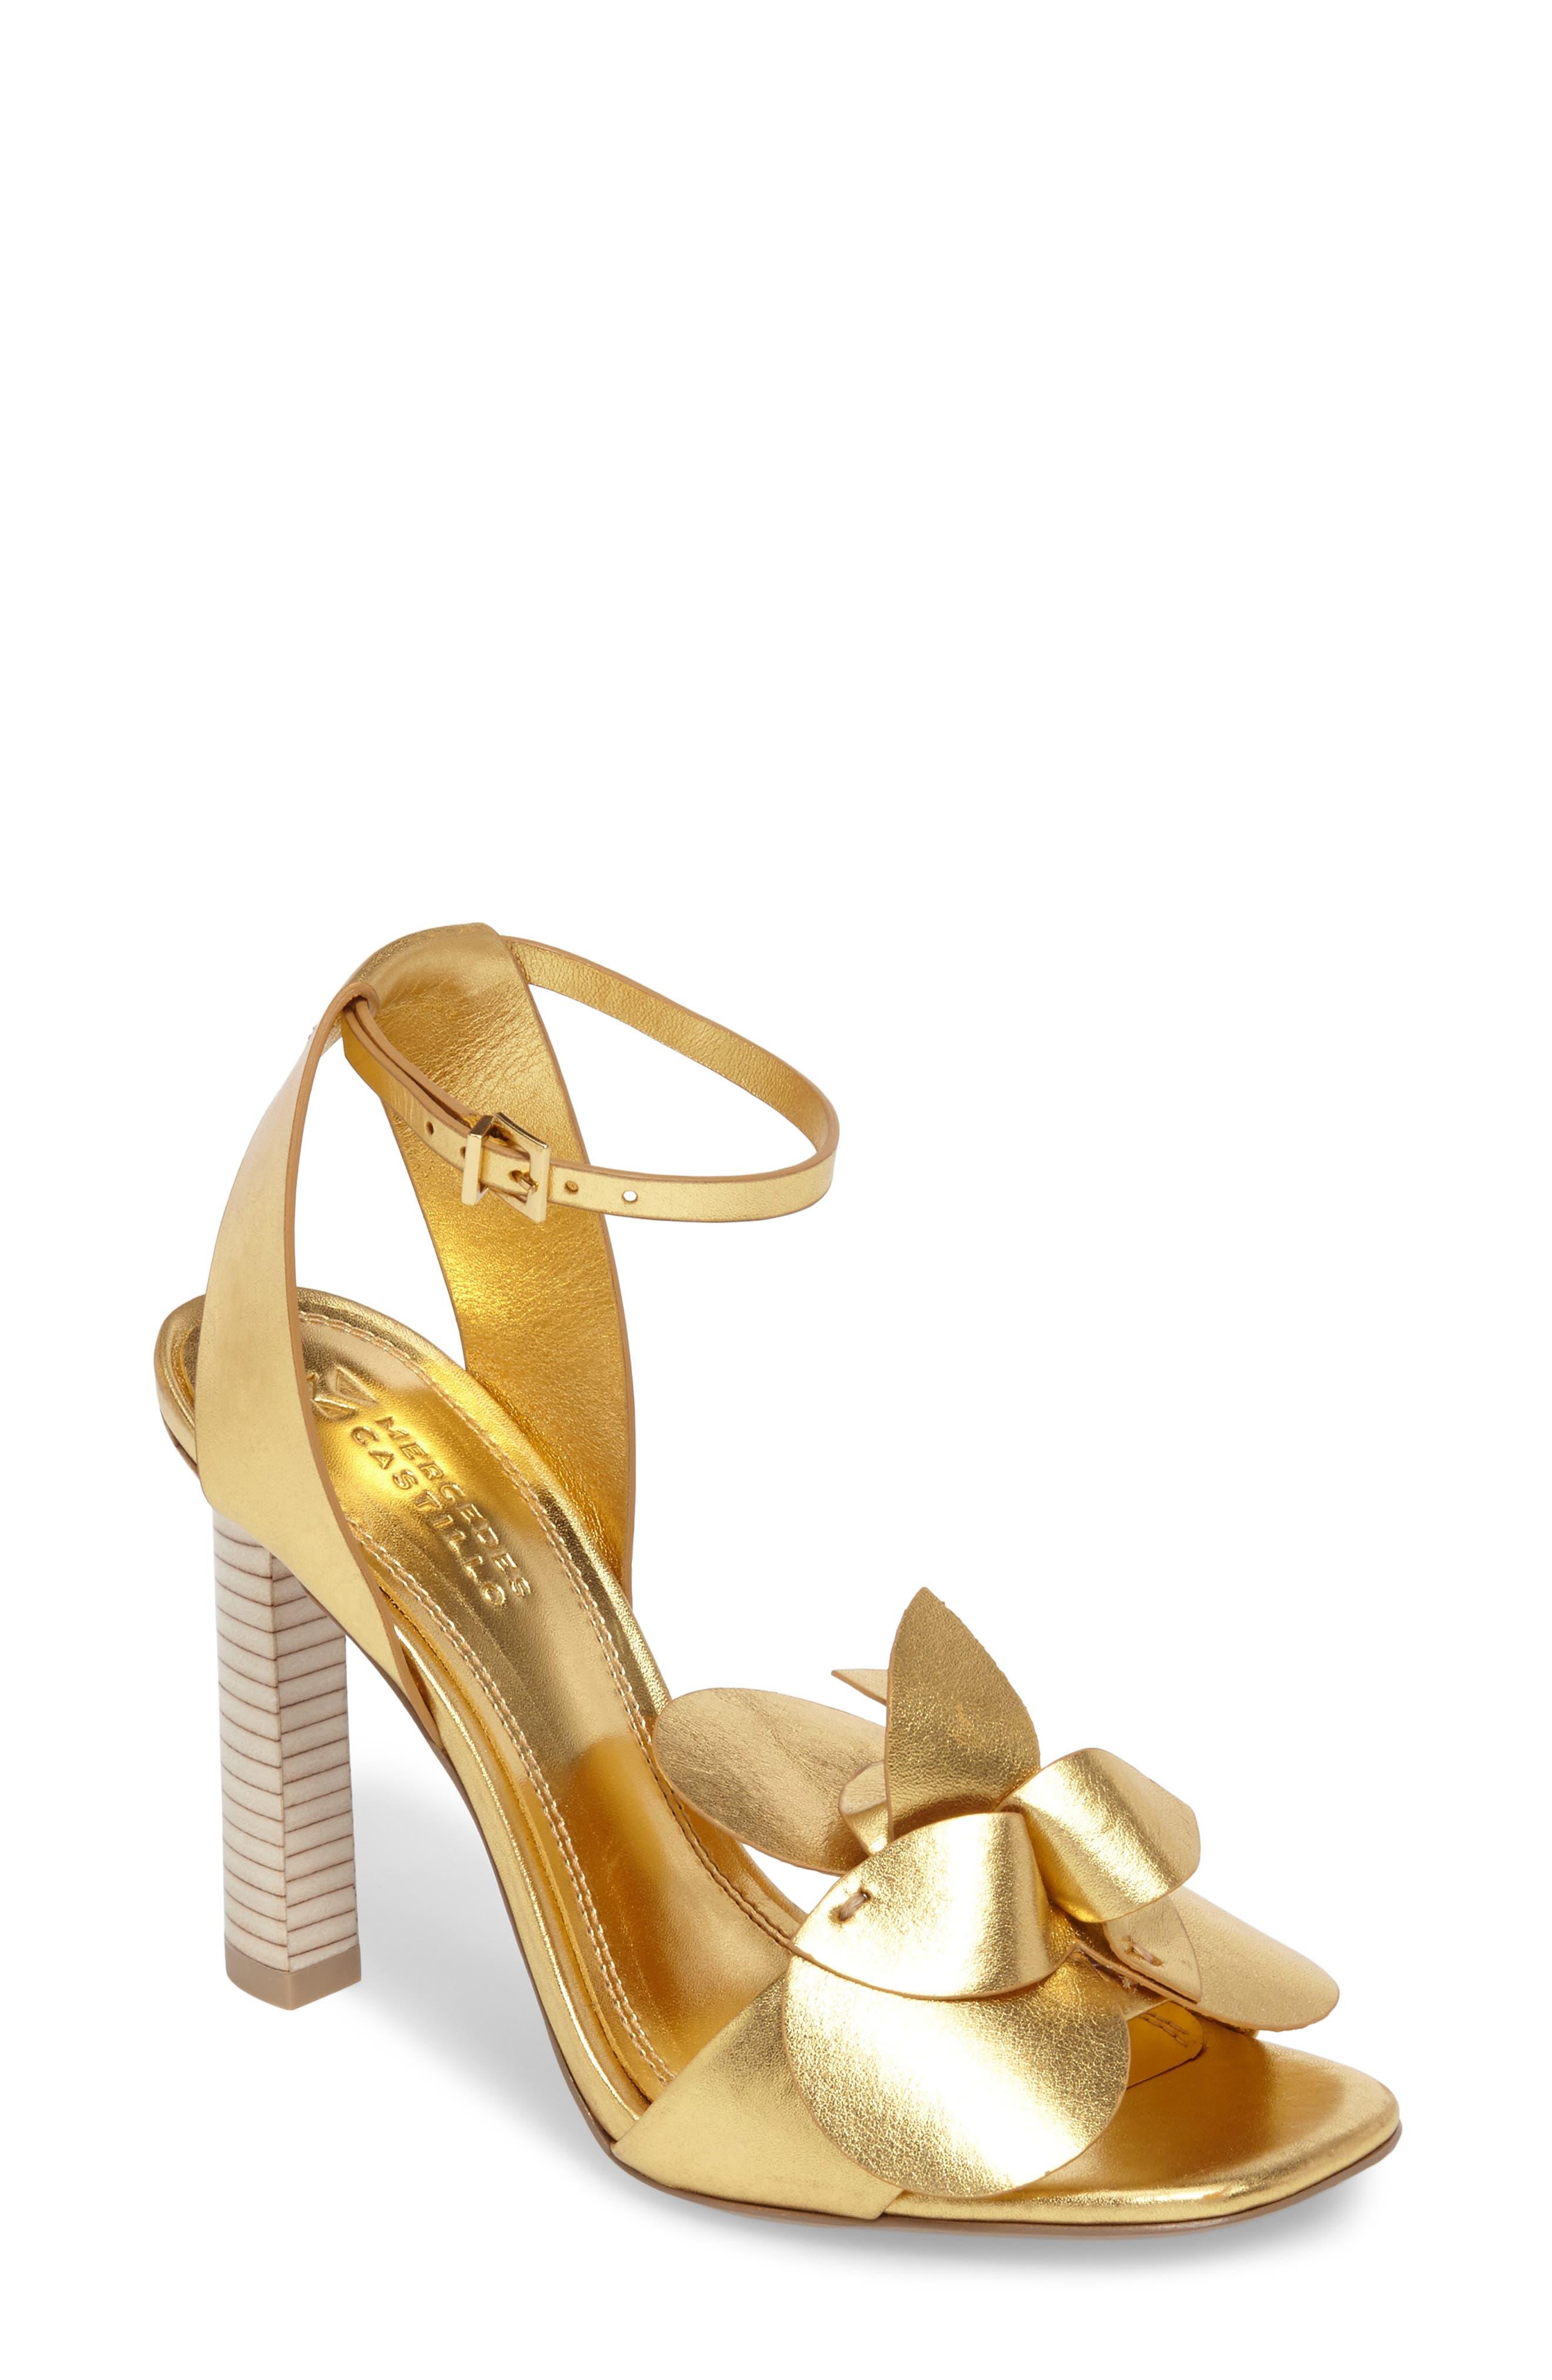 Tealia Sandal,                         Main,                         color, Gold Leather